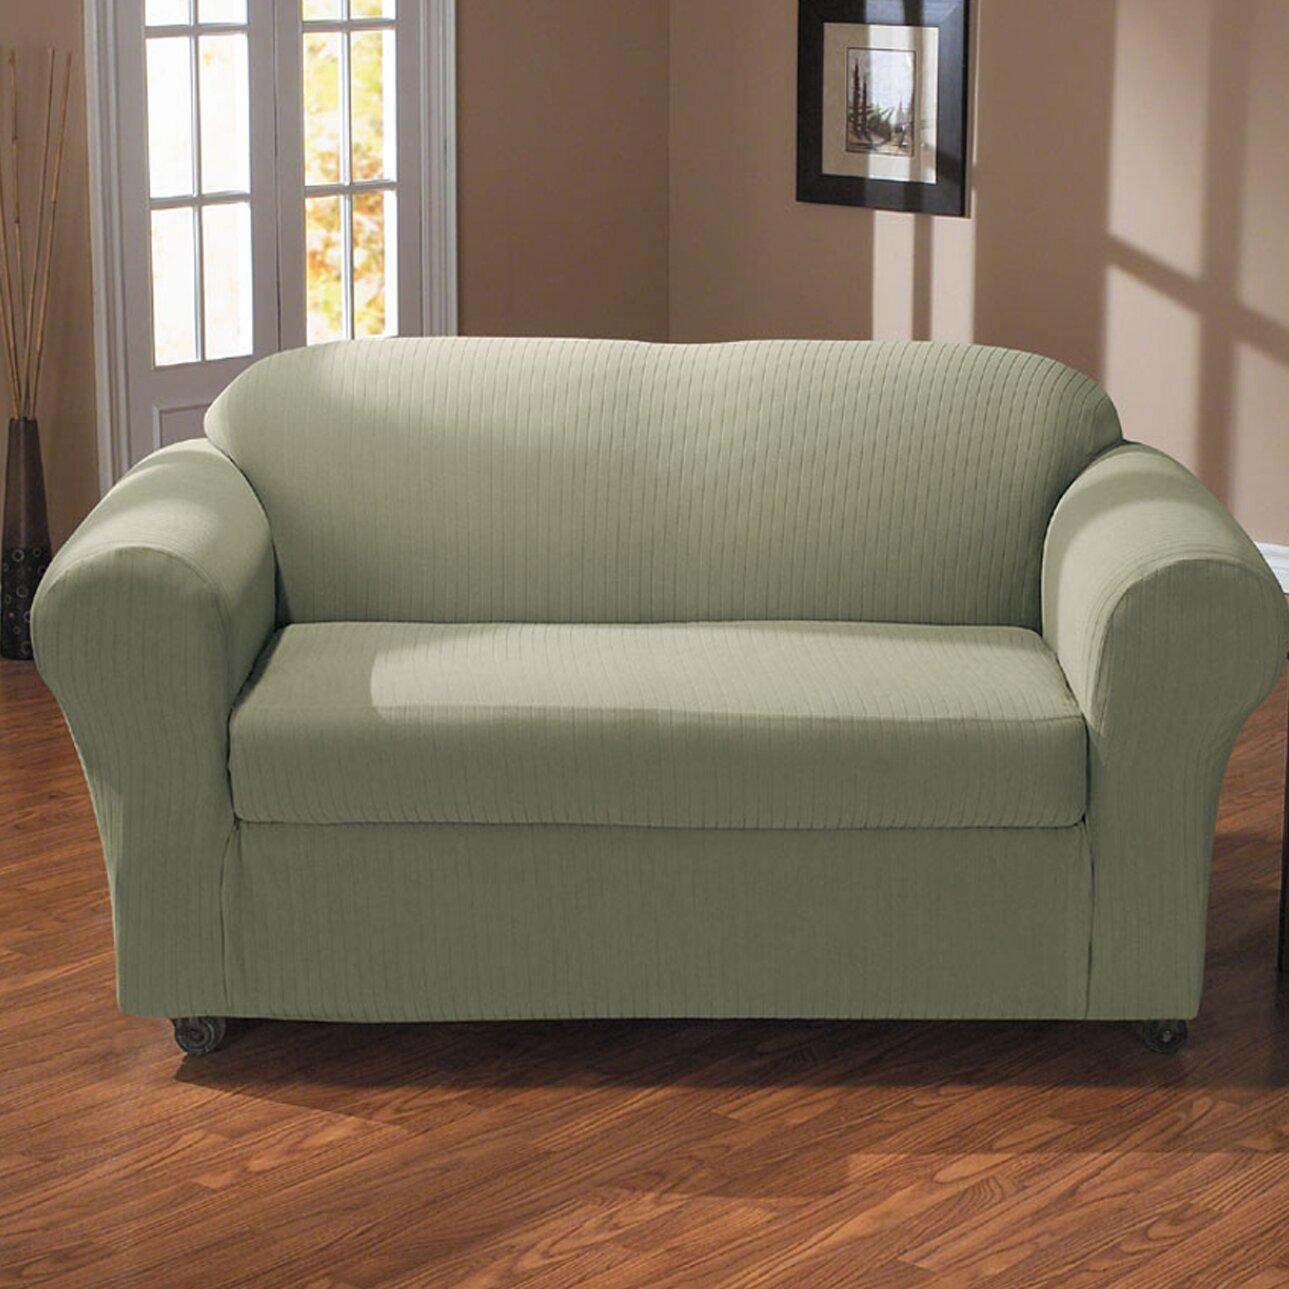 cabersurefit spencer sofa slipcover. Black Bedroom Furniture Sets. Home Design Ideas